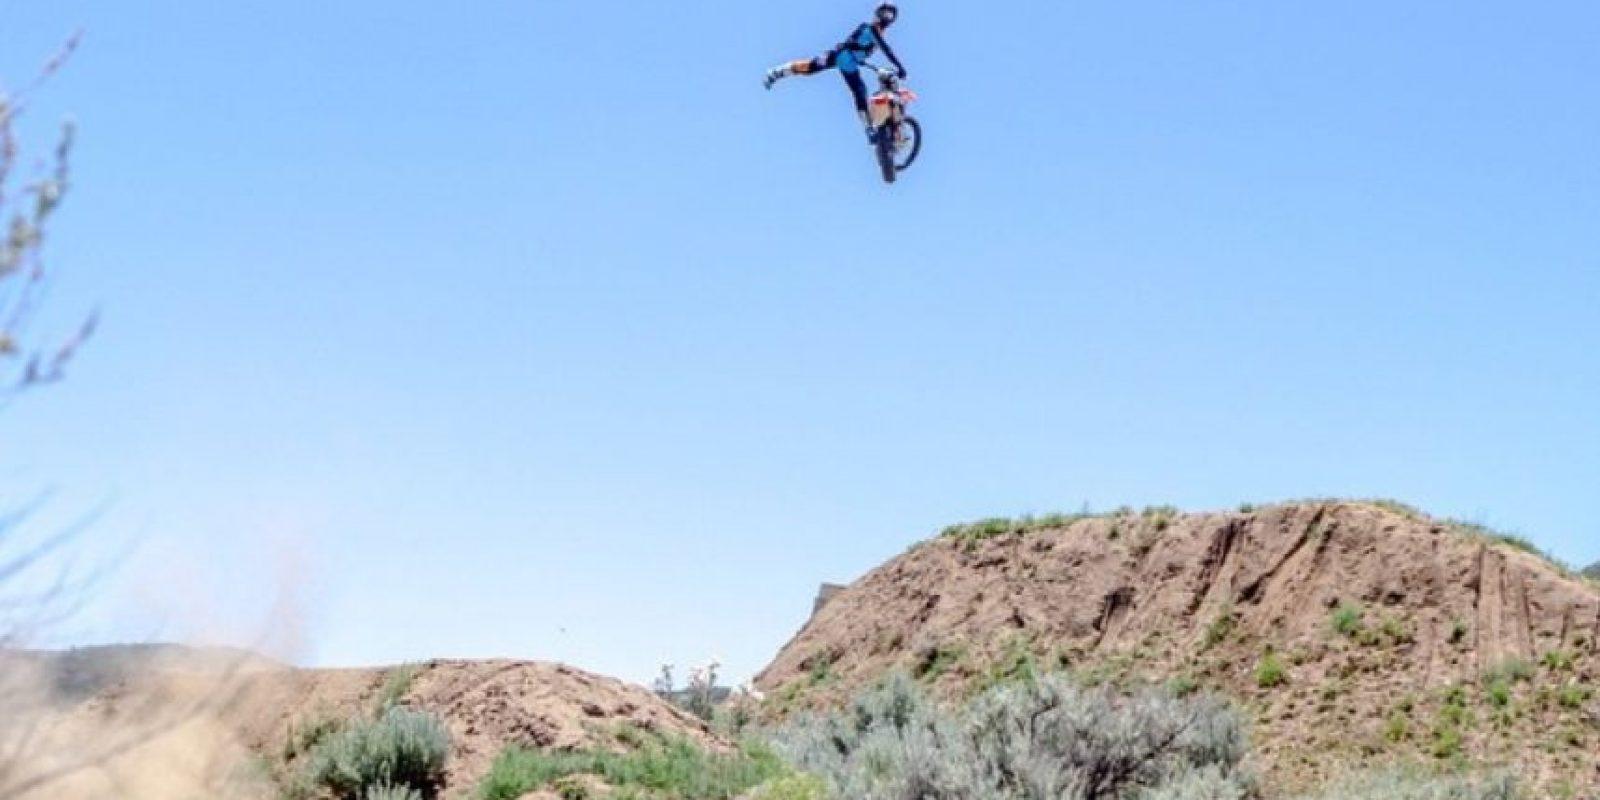 Tiene el récord mundial de salto de longitud en motocicleta Foto:Vía instagram.com/robbiemaddison